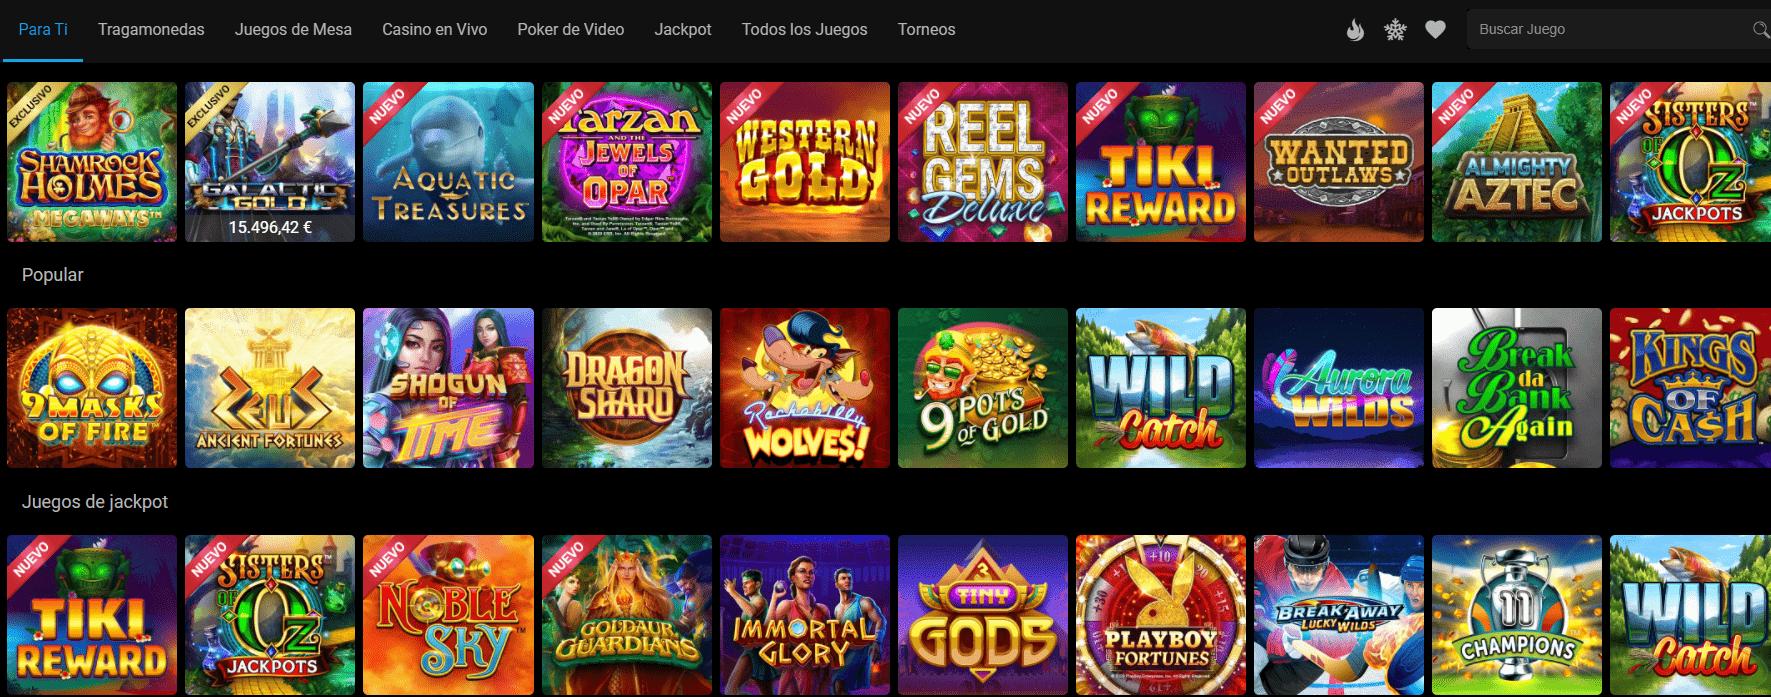 lista de juegos lucky nugget casino